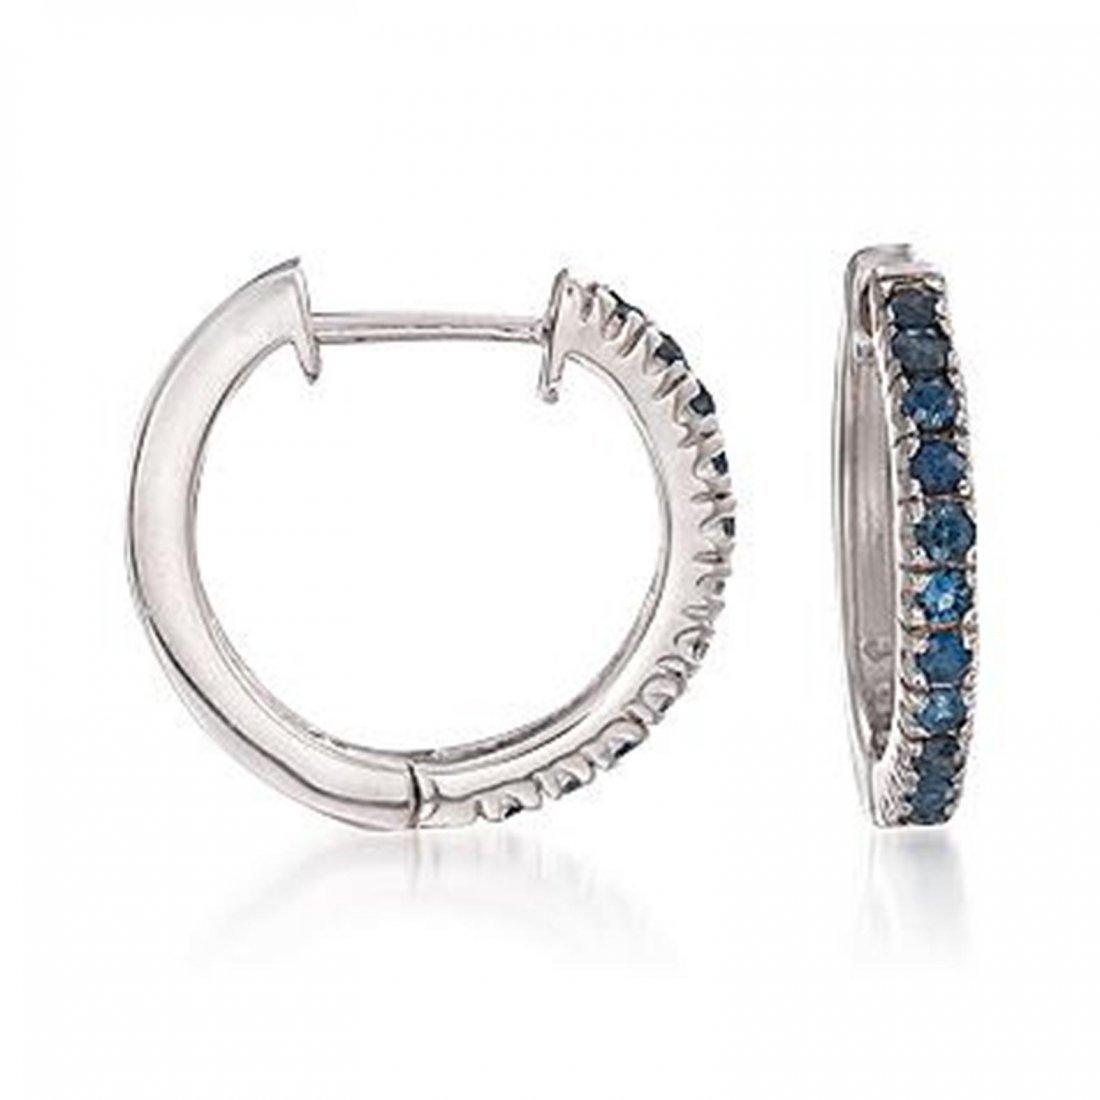 1.10 ct. t.w. Sapphire Hoop Earrings in Sterling Silver